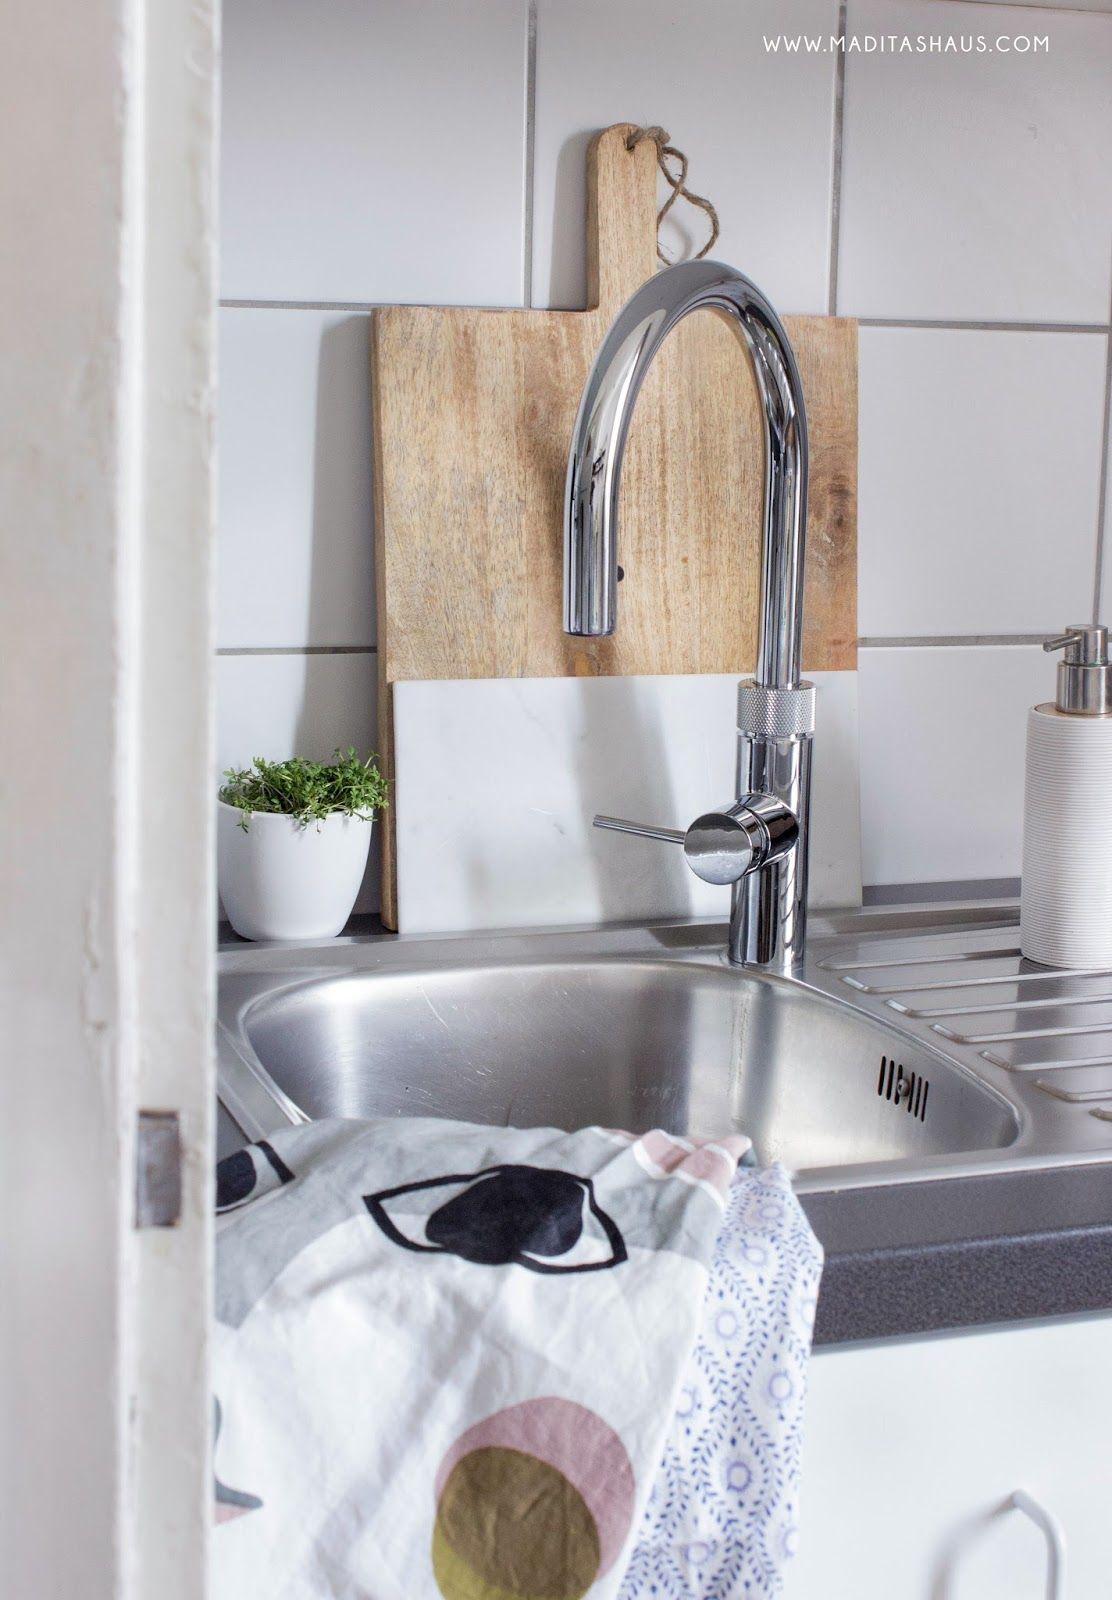 Charmant Küchenarmaturen Long Island Ny Fotos - Ideen Für Die Küche ...